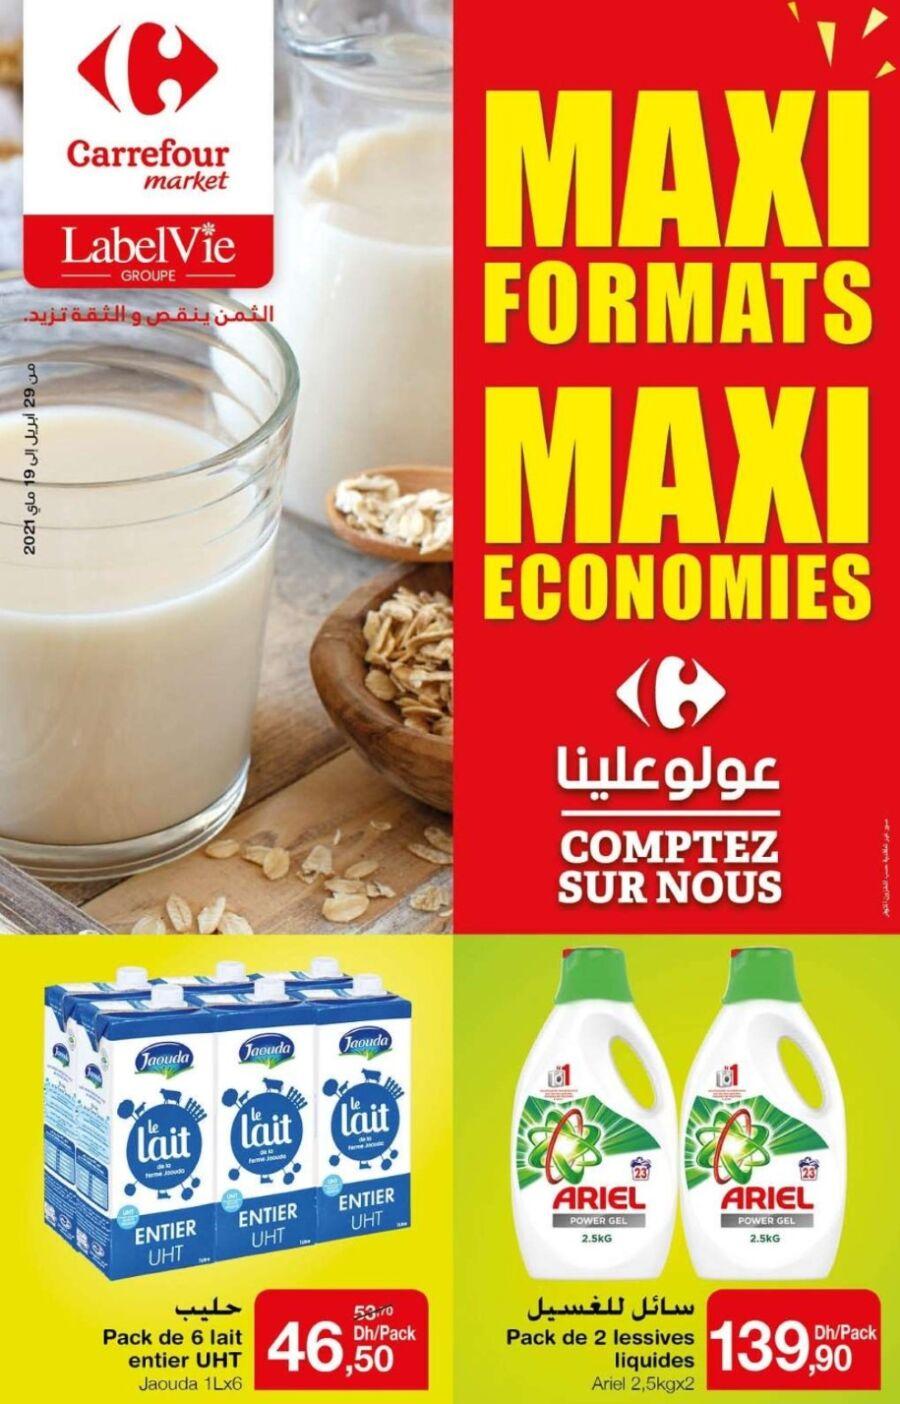 Catalogue Carrefour Market MAXI FORMTS MAXI ECONOMIES du 29 Avril au 19 Mai 2021